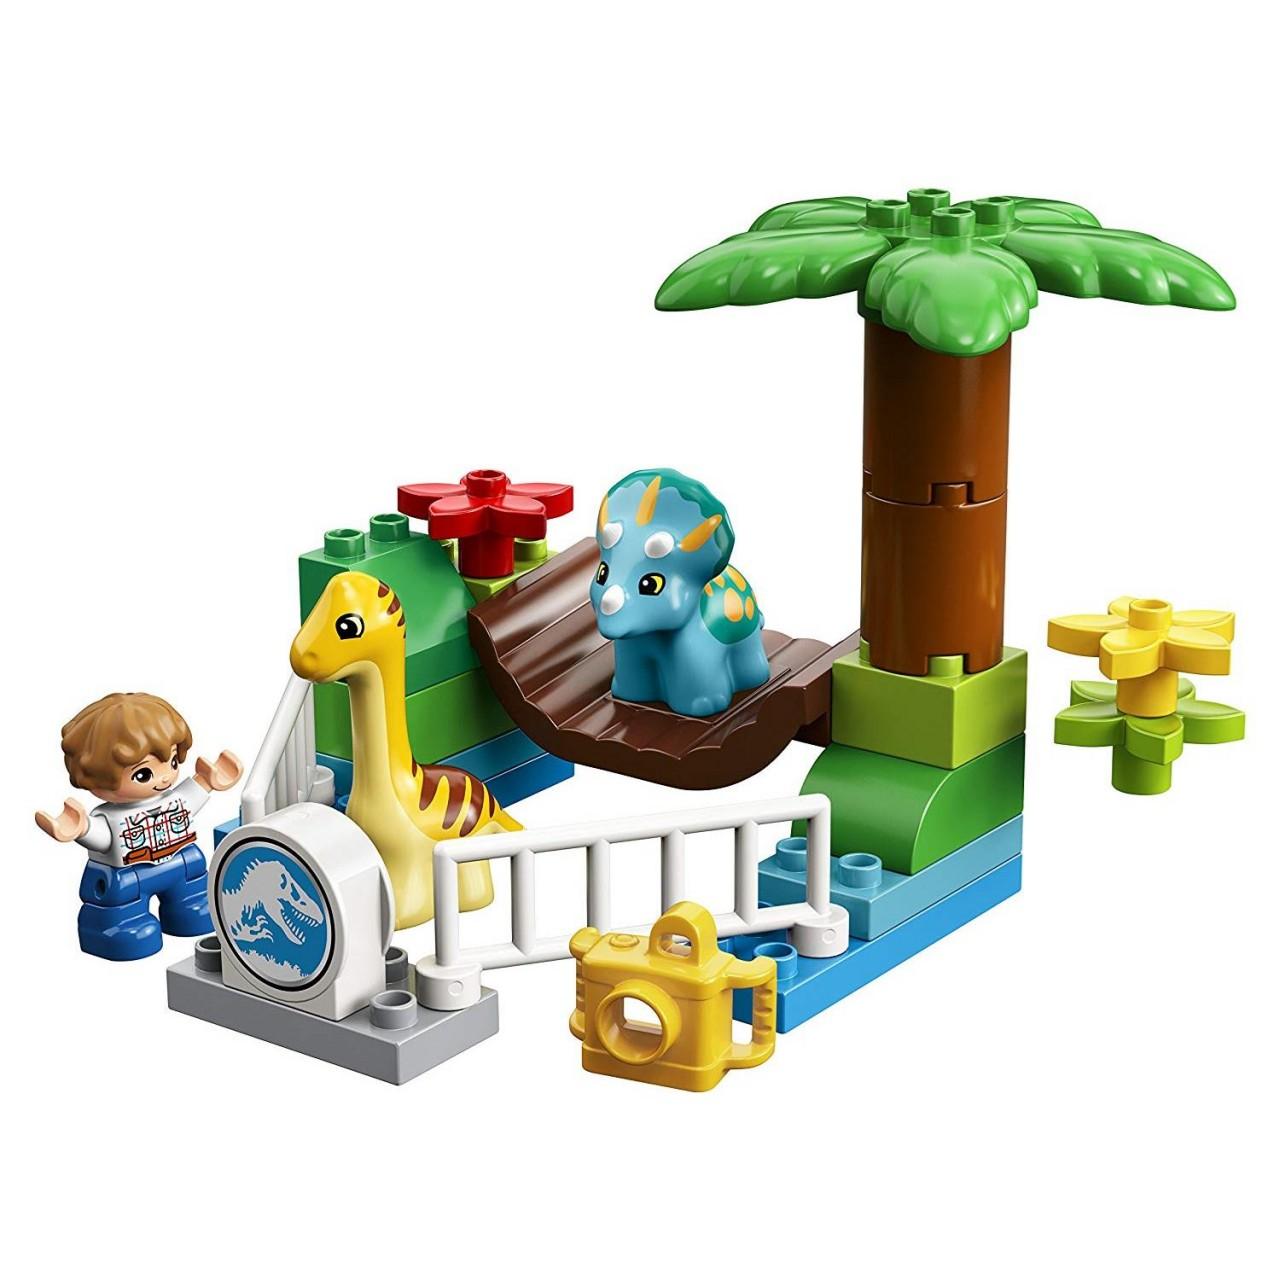 LEGO DUPLO 10879 Jurassic World Dino-Streichelzoo